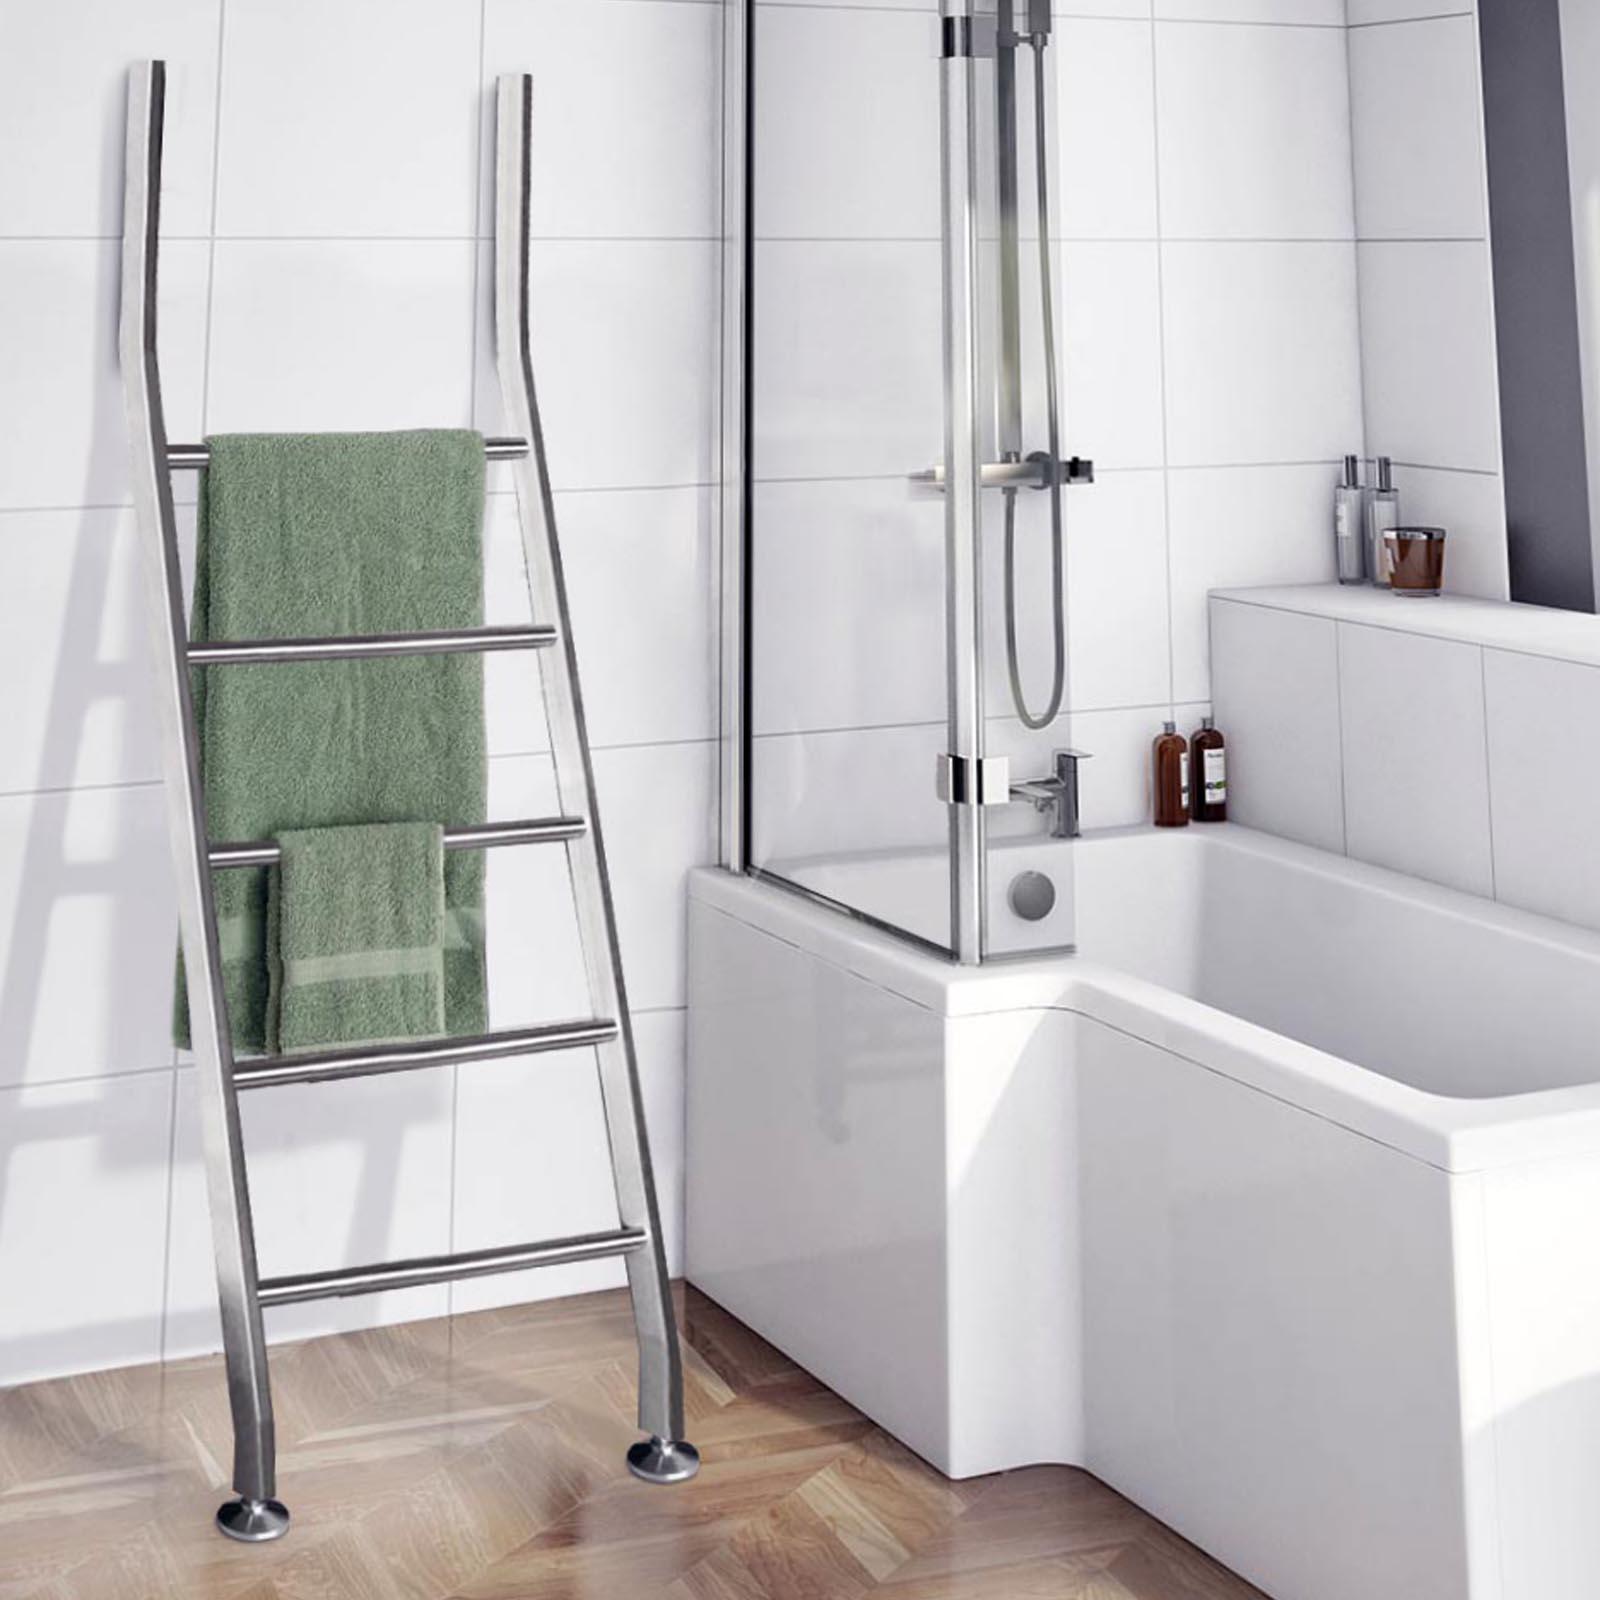 Arx shop handtuchleiter handtuchhalter edelstahl - Handtuchhalter wand edelstahl ...